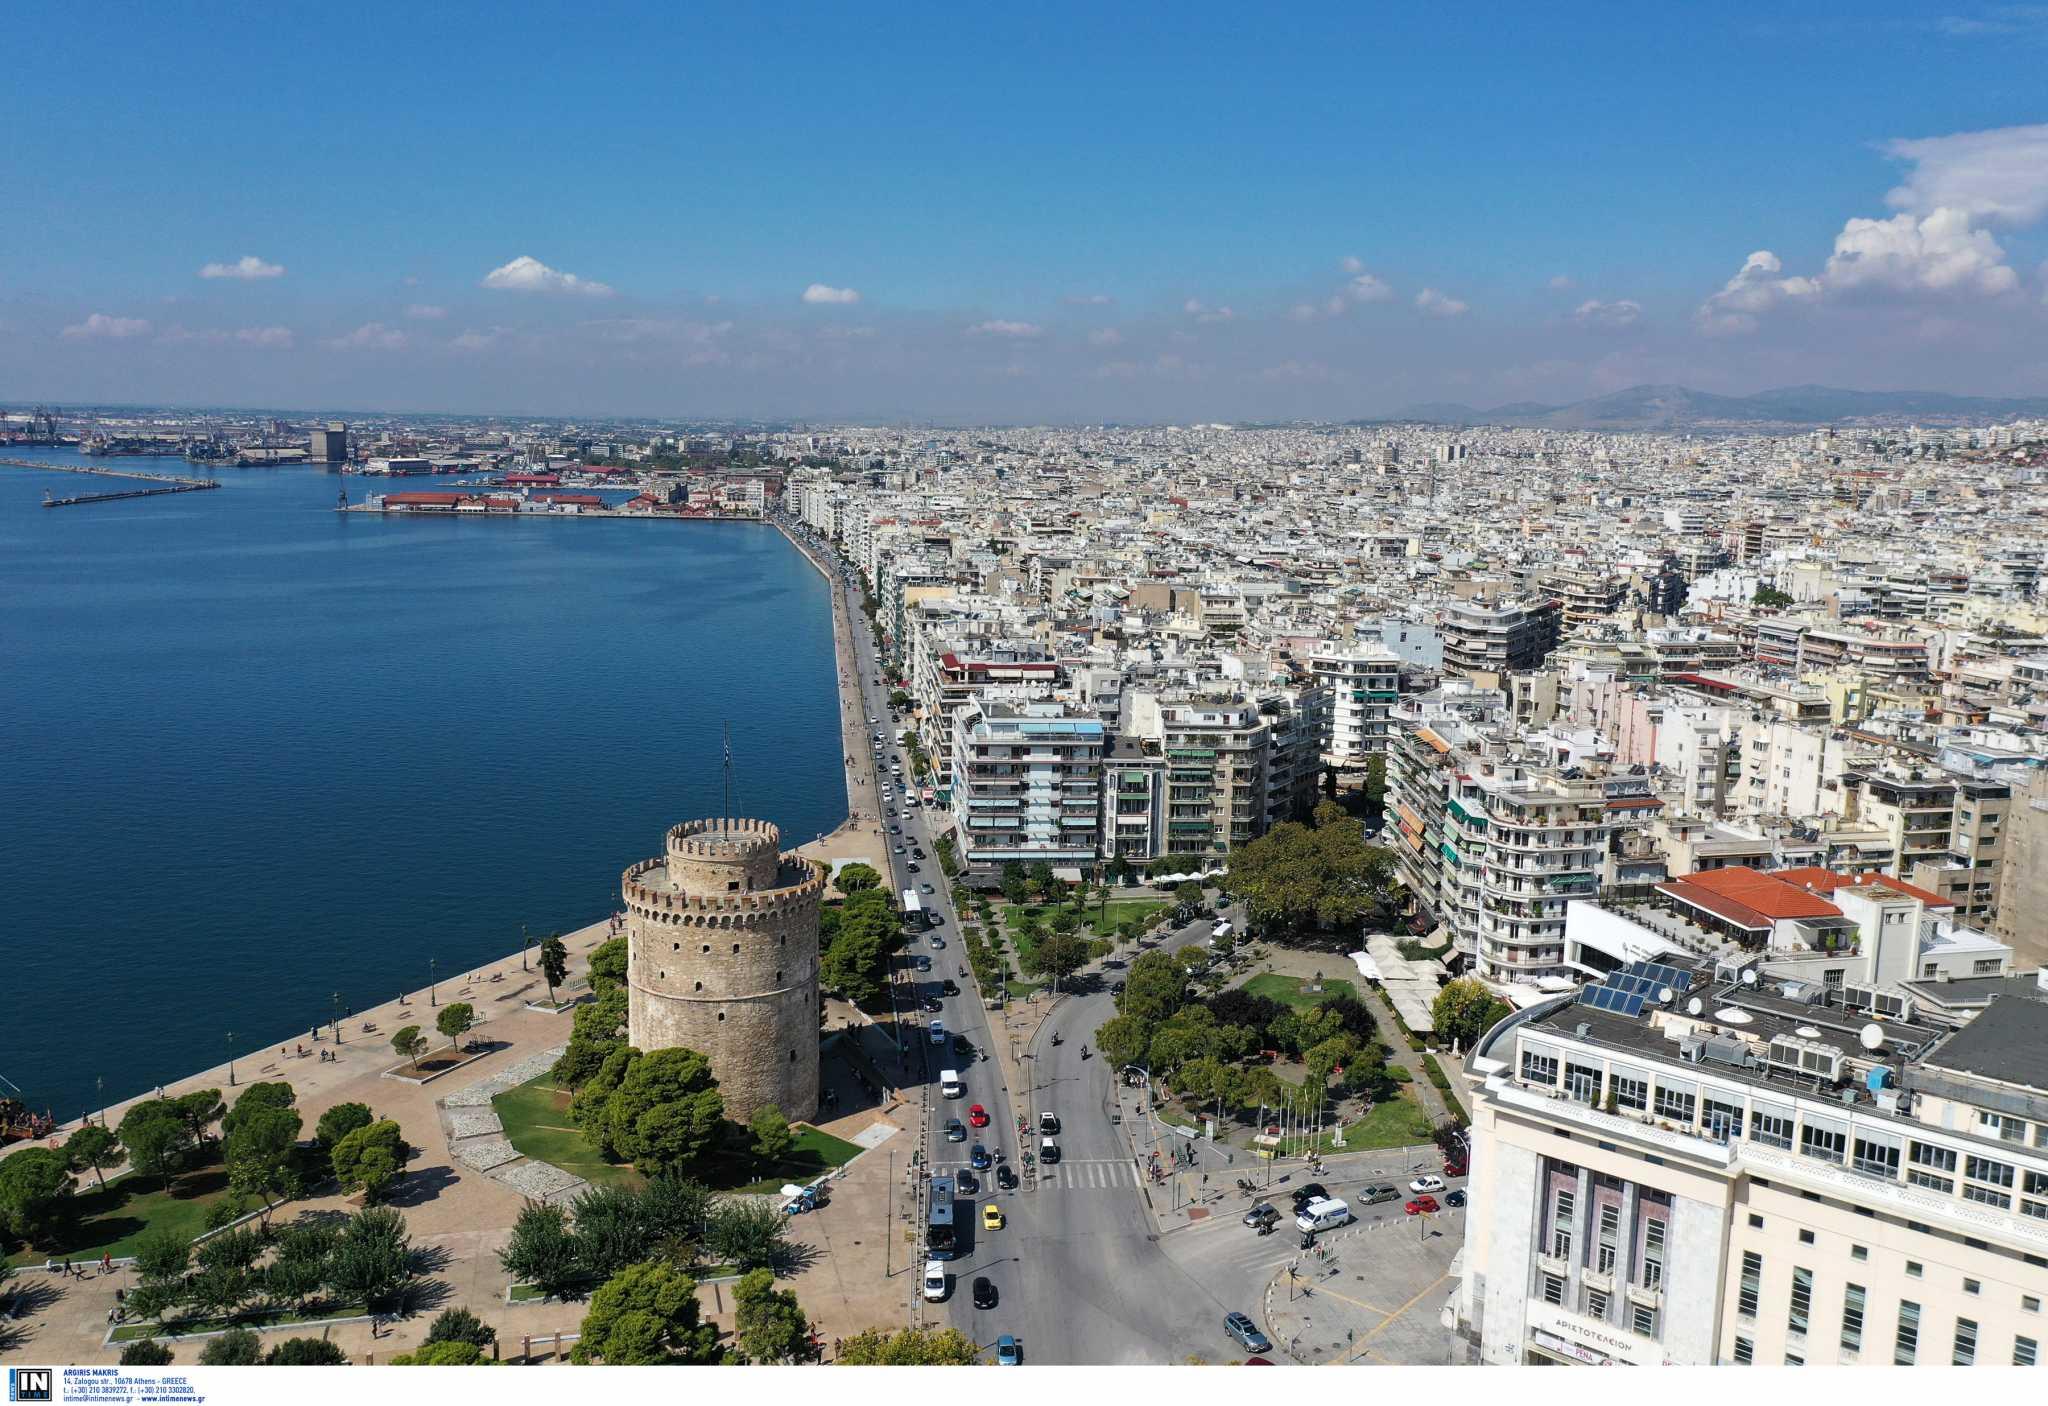 Θεσσαλονίκη: Αισιόδοξα στοιχεία από τα λύματα – Κοντά στο «πράσινο» το ιικό φορτίο (pics)